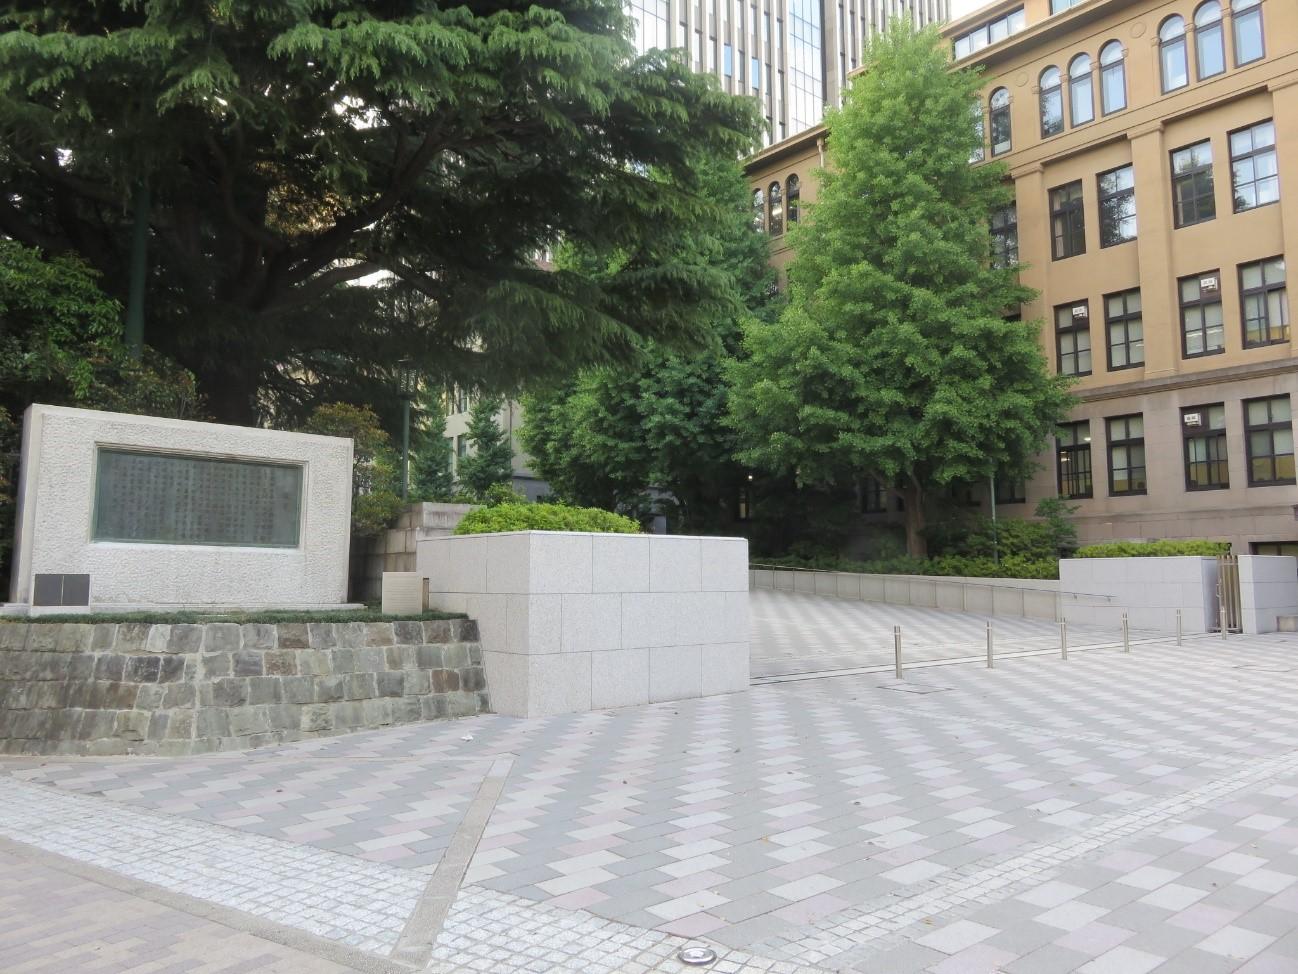 早稲田大学早稲田キャンパス正門